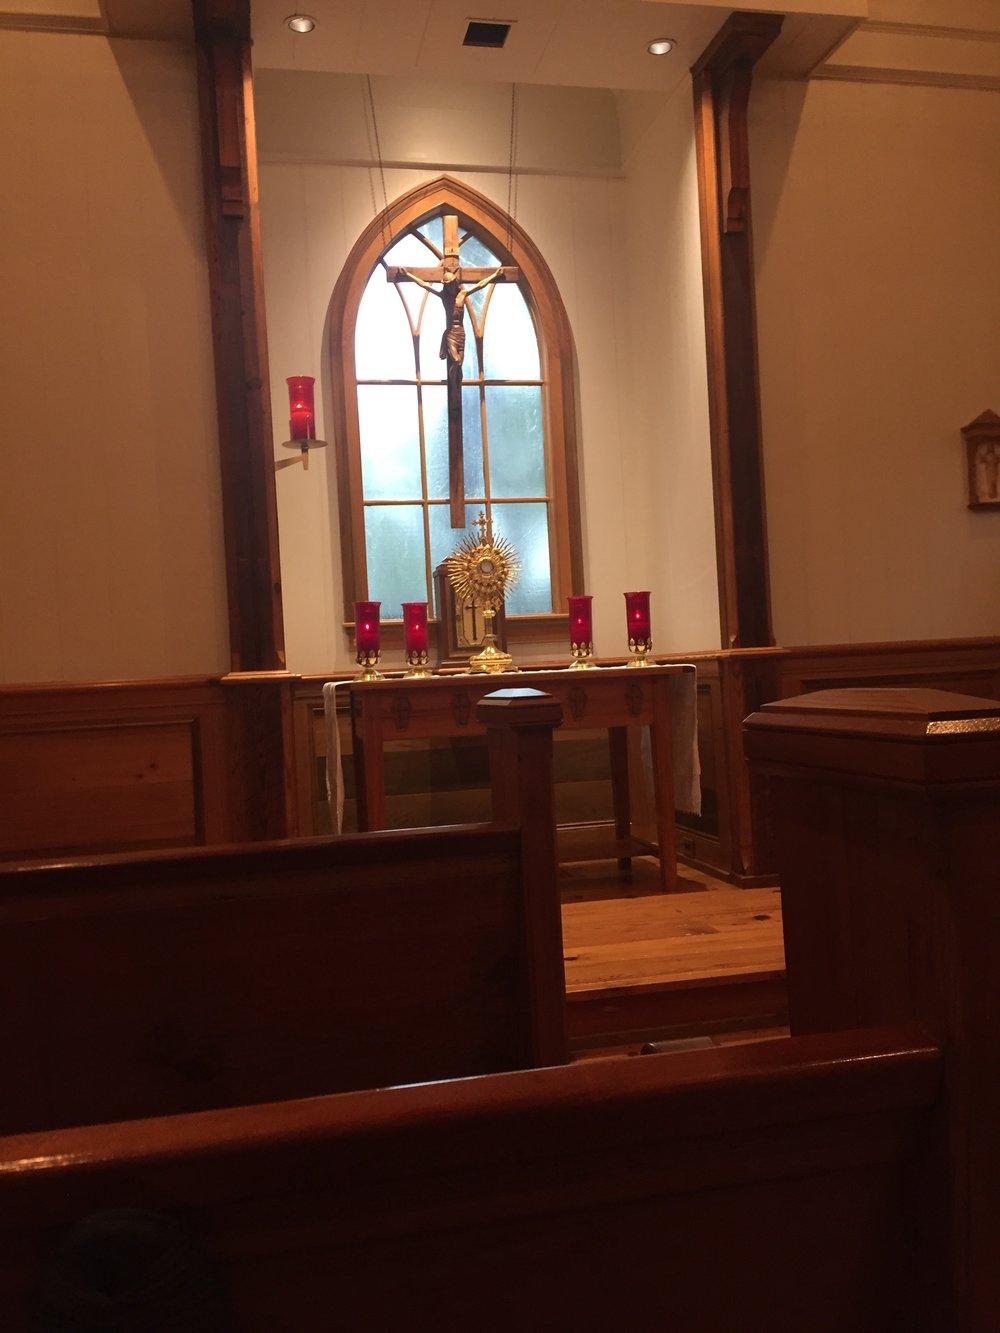 Adoration Chapel in Daphne AL